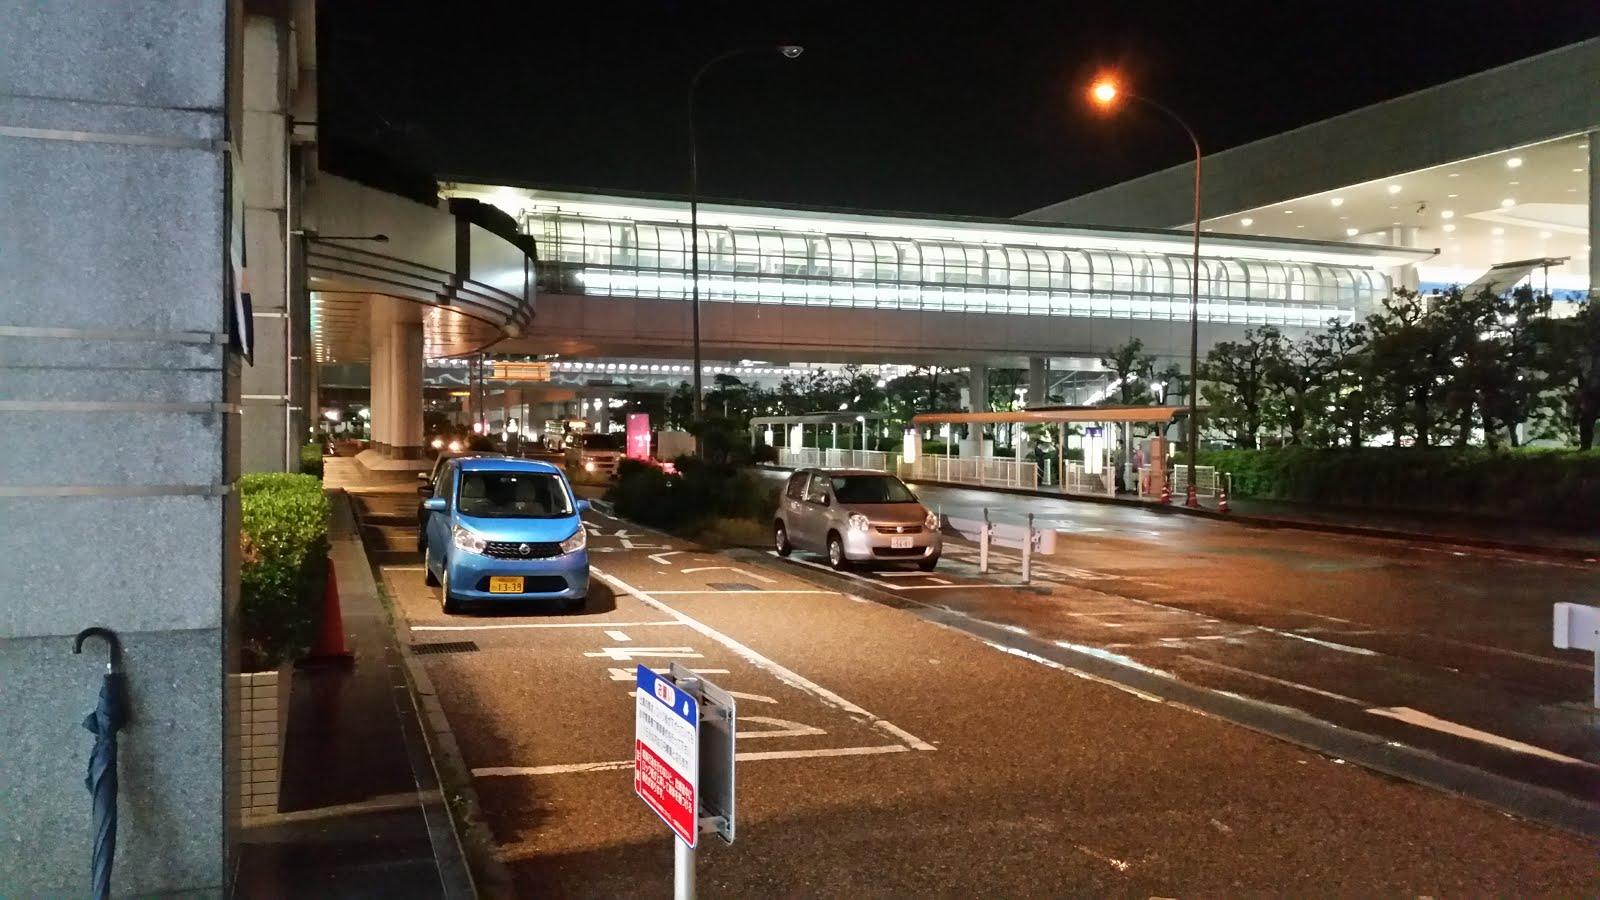 嘟嘟雞比: 【日本東四國自駕遊(Day1)】香港國際機場/大阪關西機場/機場取車/泉佐野市@嘟嘟雞比